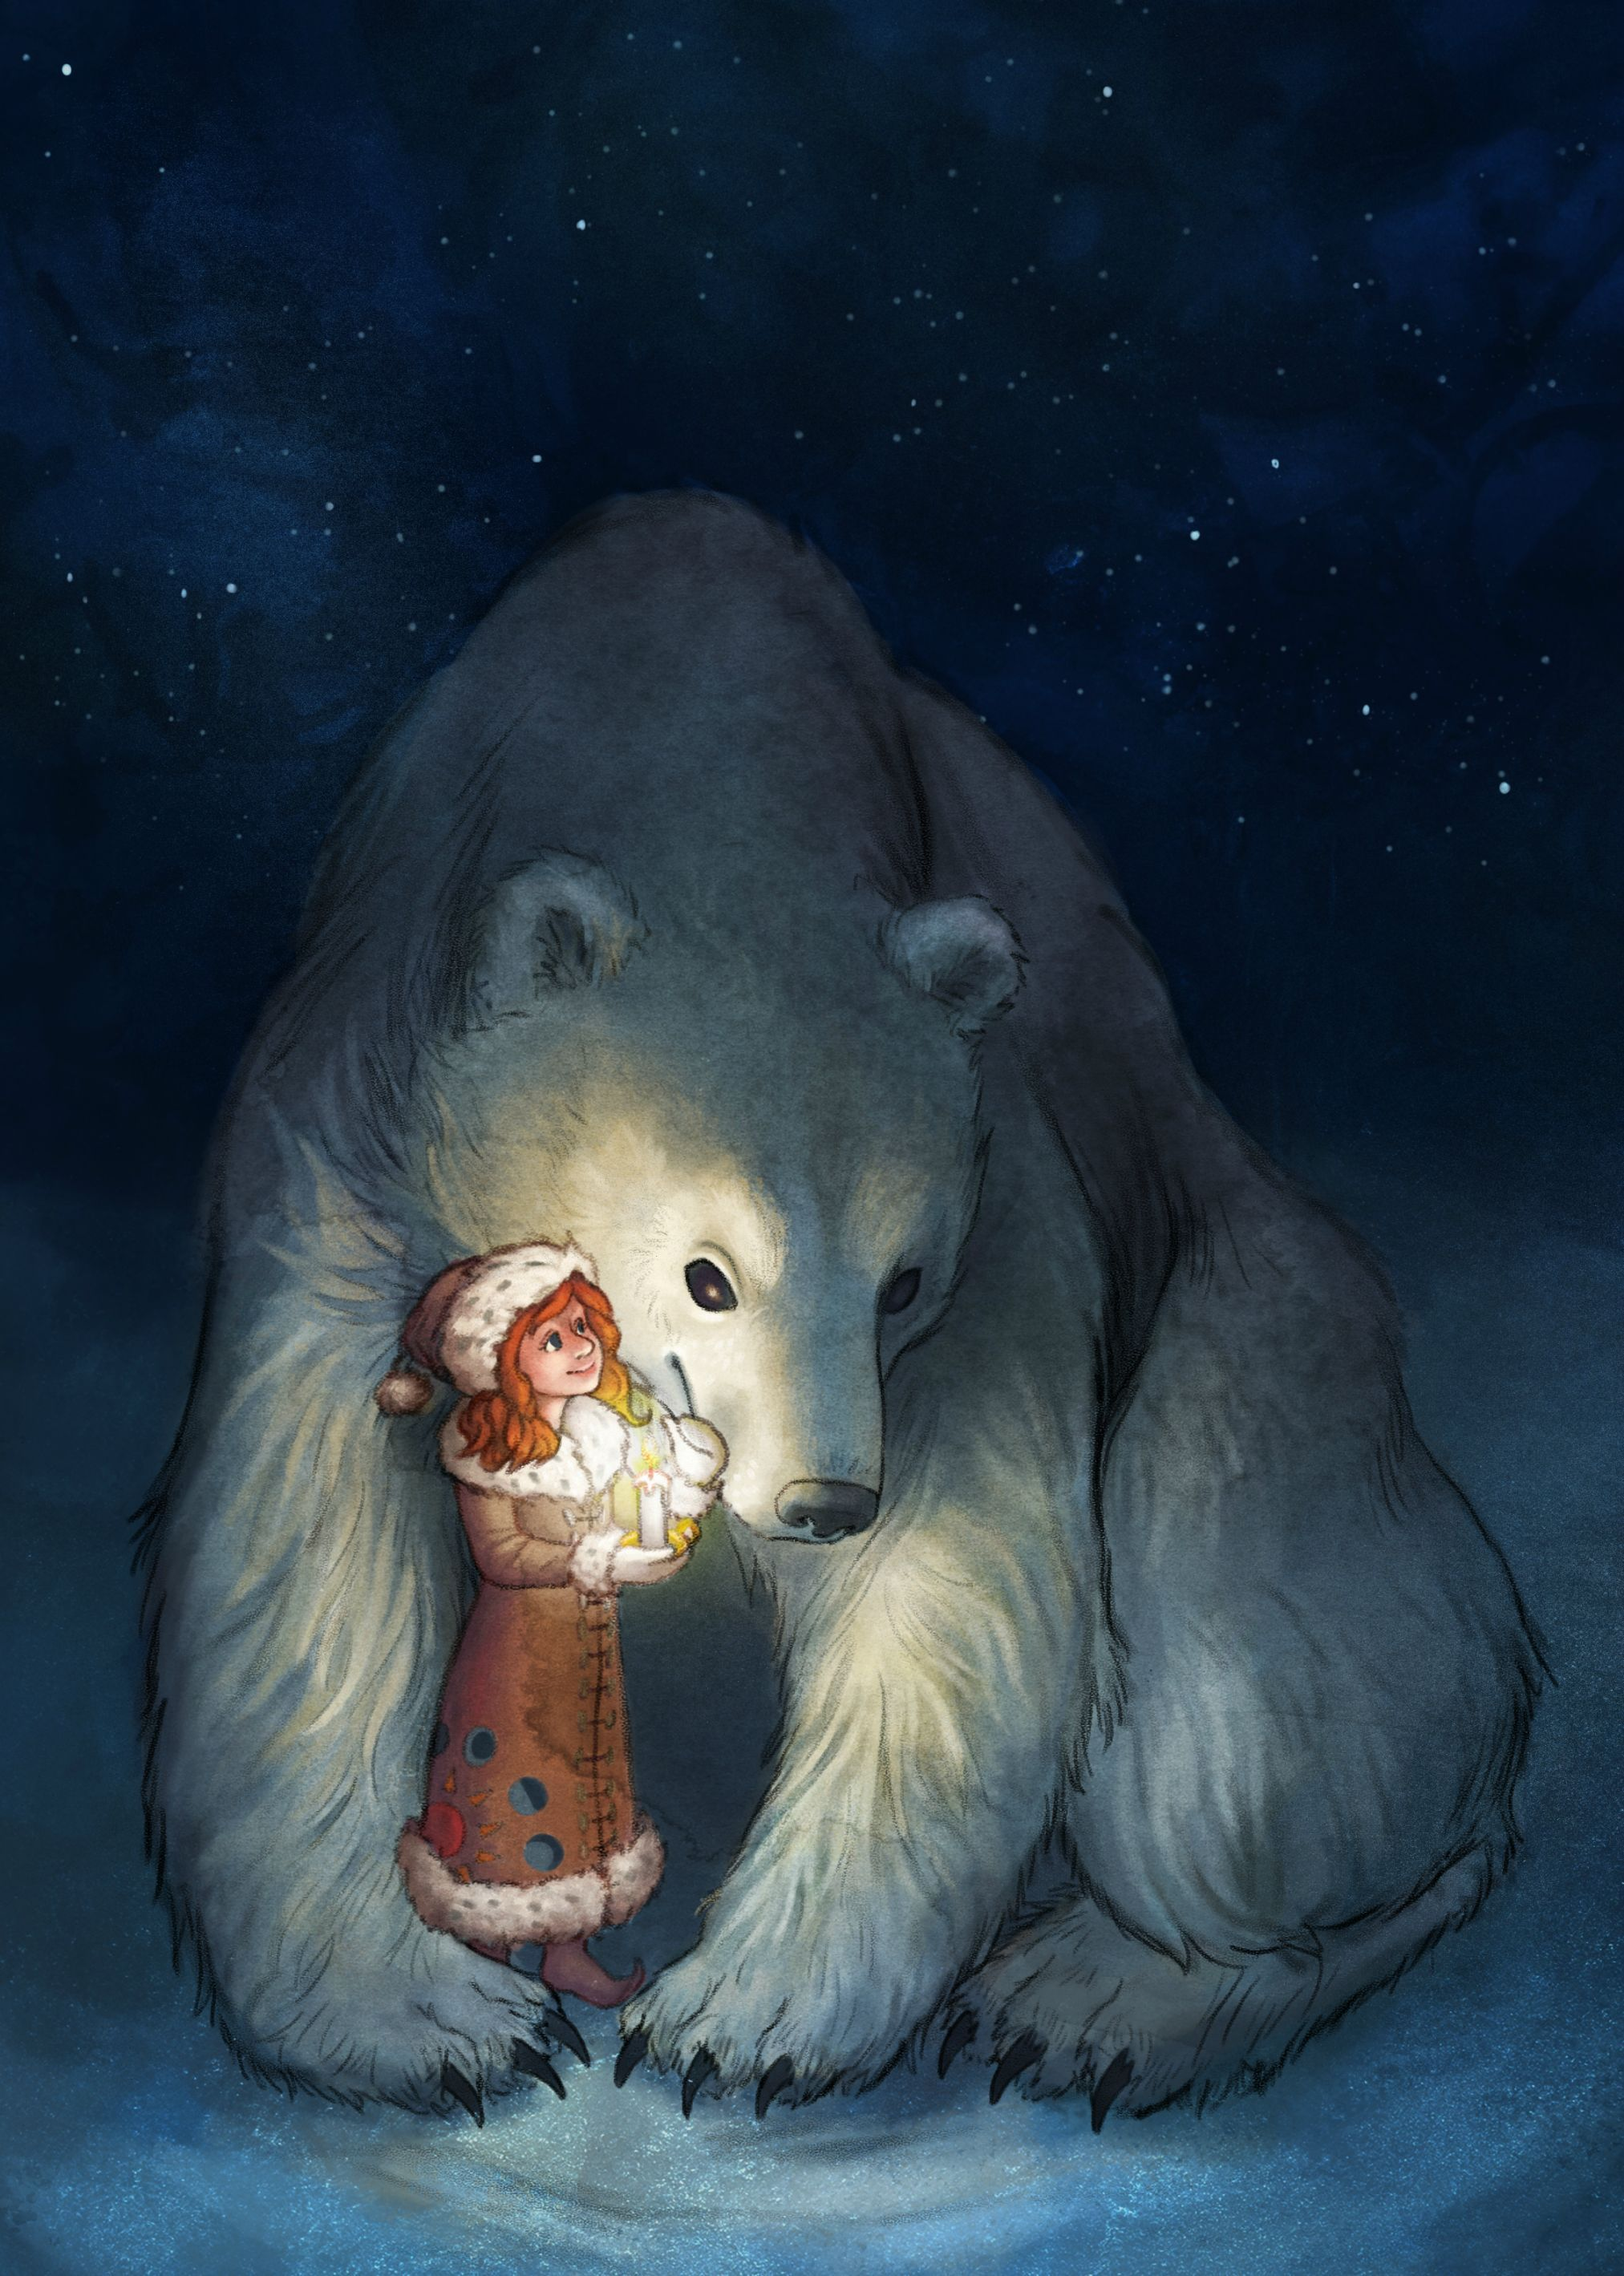 картинки белых медведей фэнтези важным